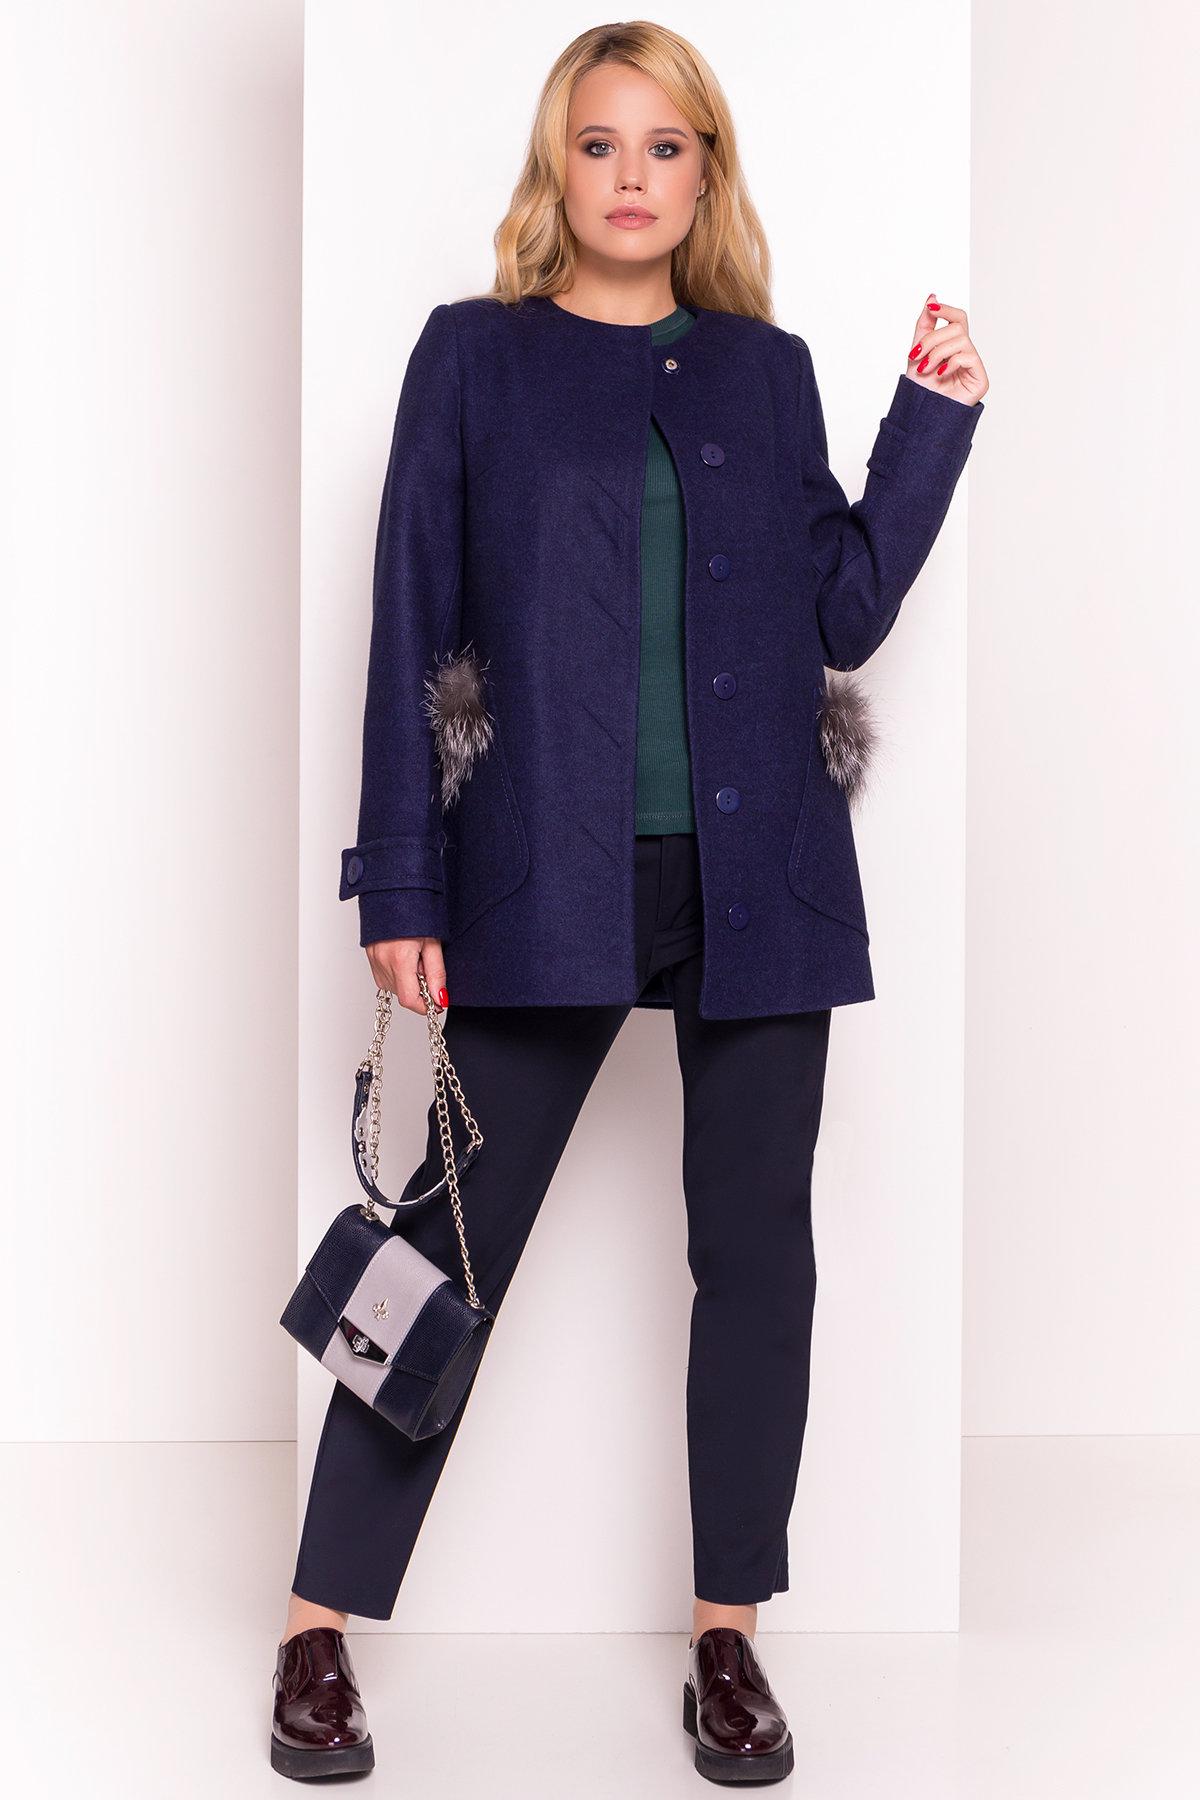 Демисезонное пальто трапеция в расцветках Латте 5429 АРТ. 36672 Цвет: Темно-синий 17 - фото 1, интернет магазин tm-modus.ru